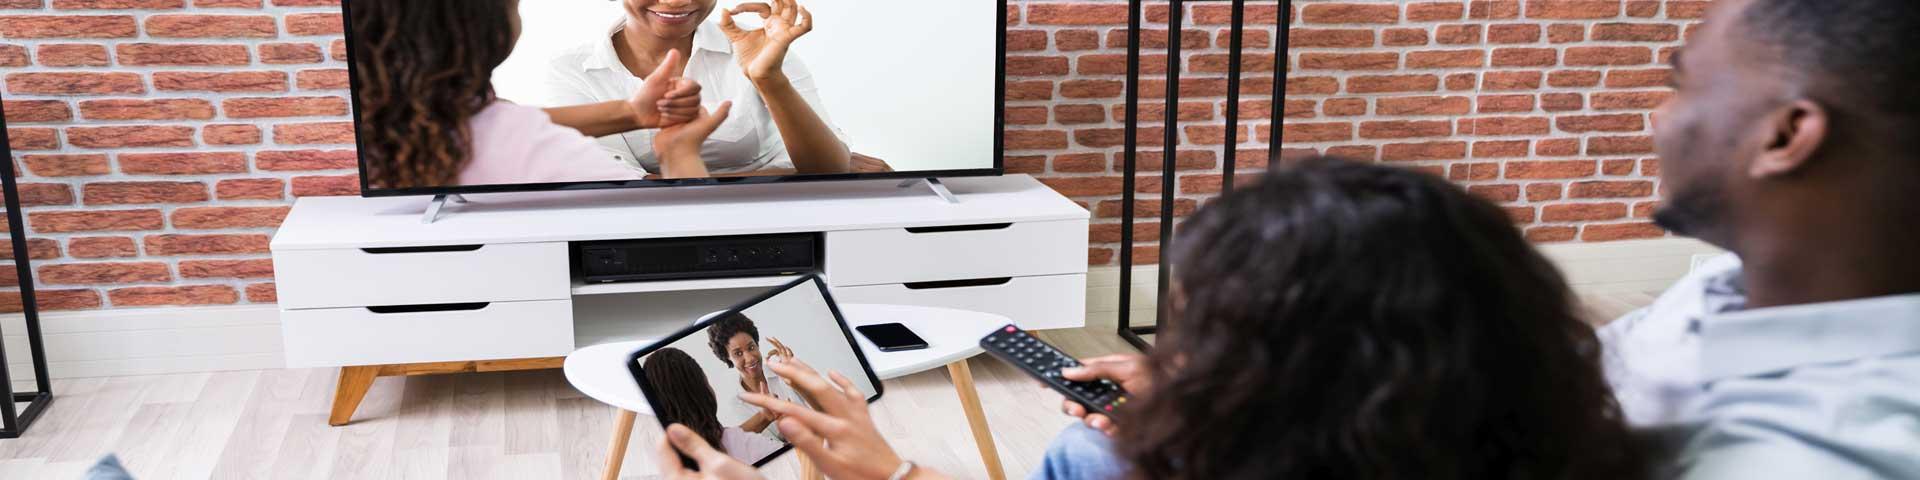 opties voor streamen naar je tv